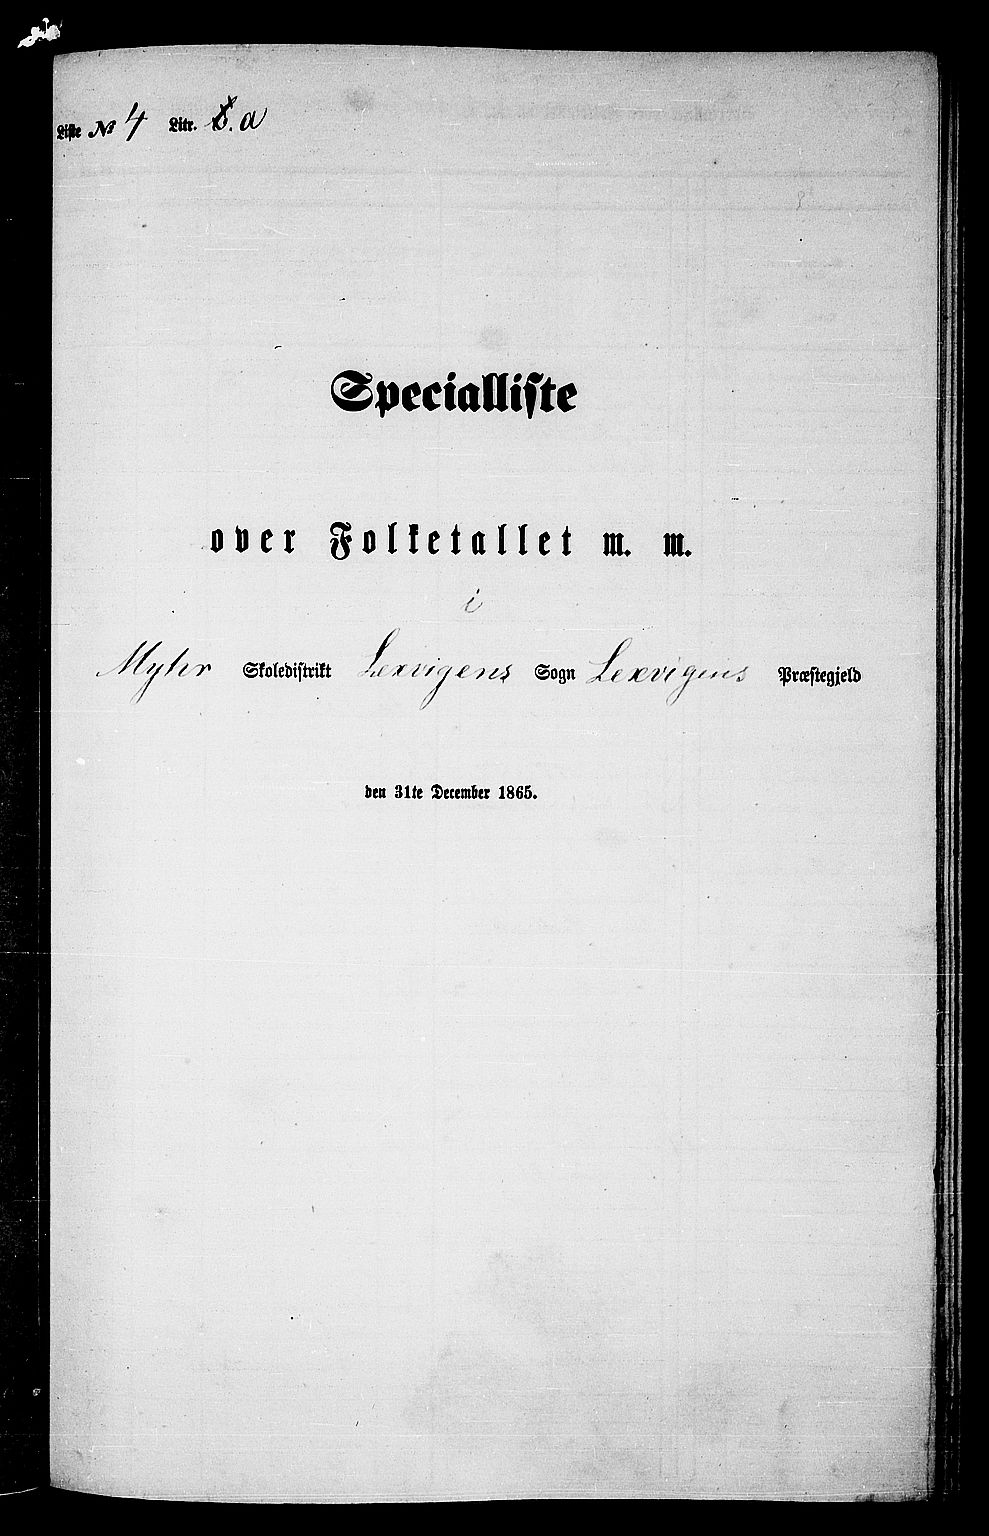 RA, Folketelling 1865 for 1718P Leksvik prestegjeld, 1865, s. 89